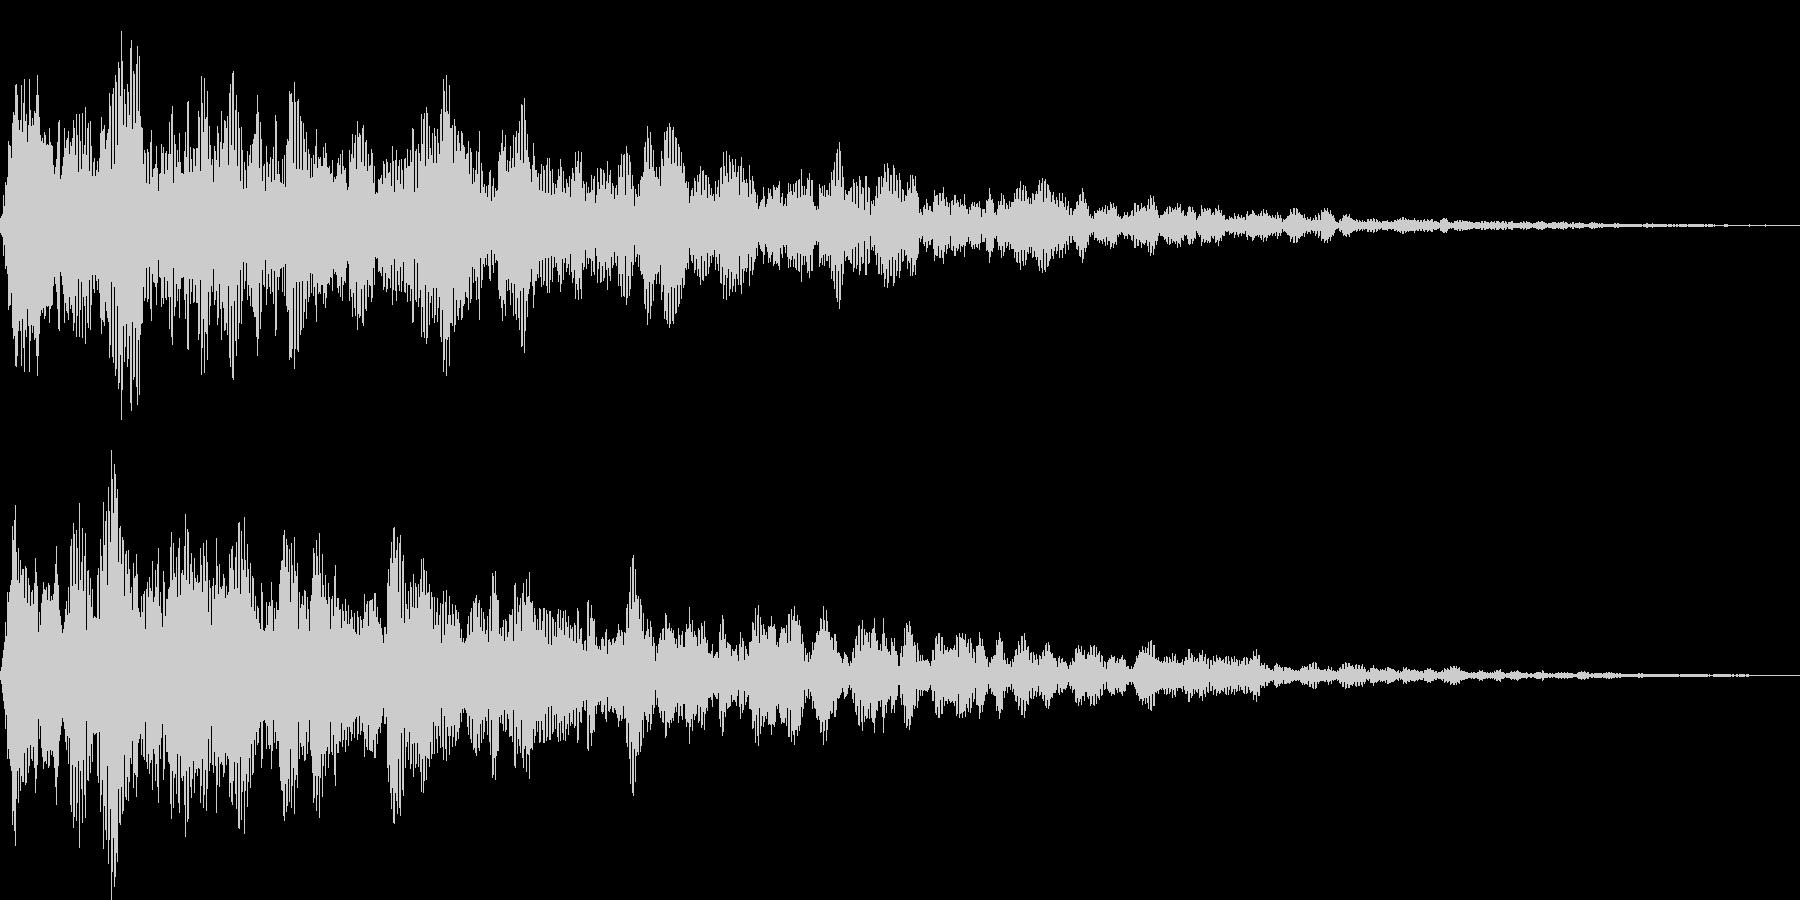 アンビエント系サウンドロゴの未再生の波形